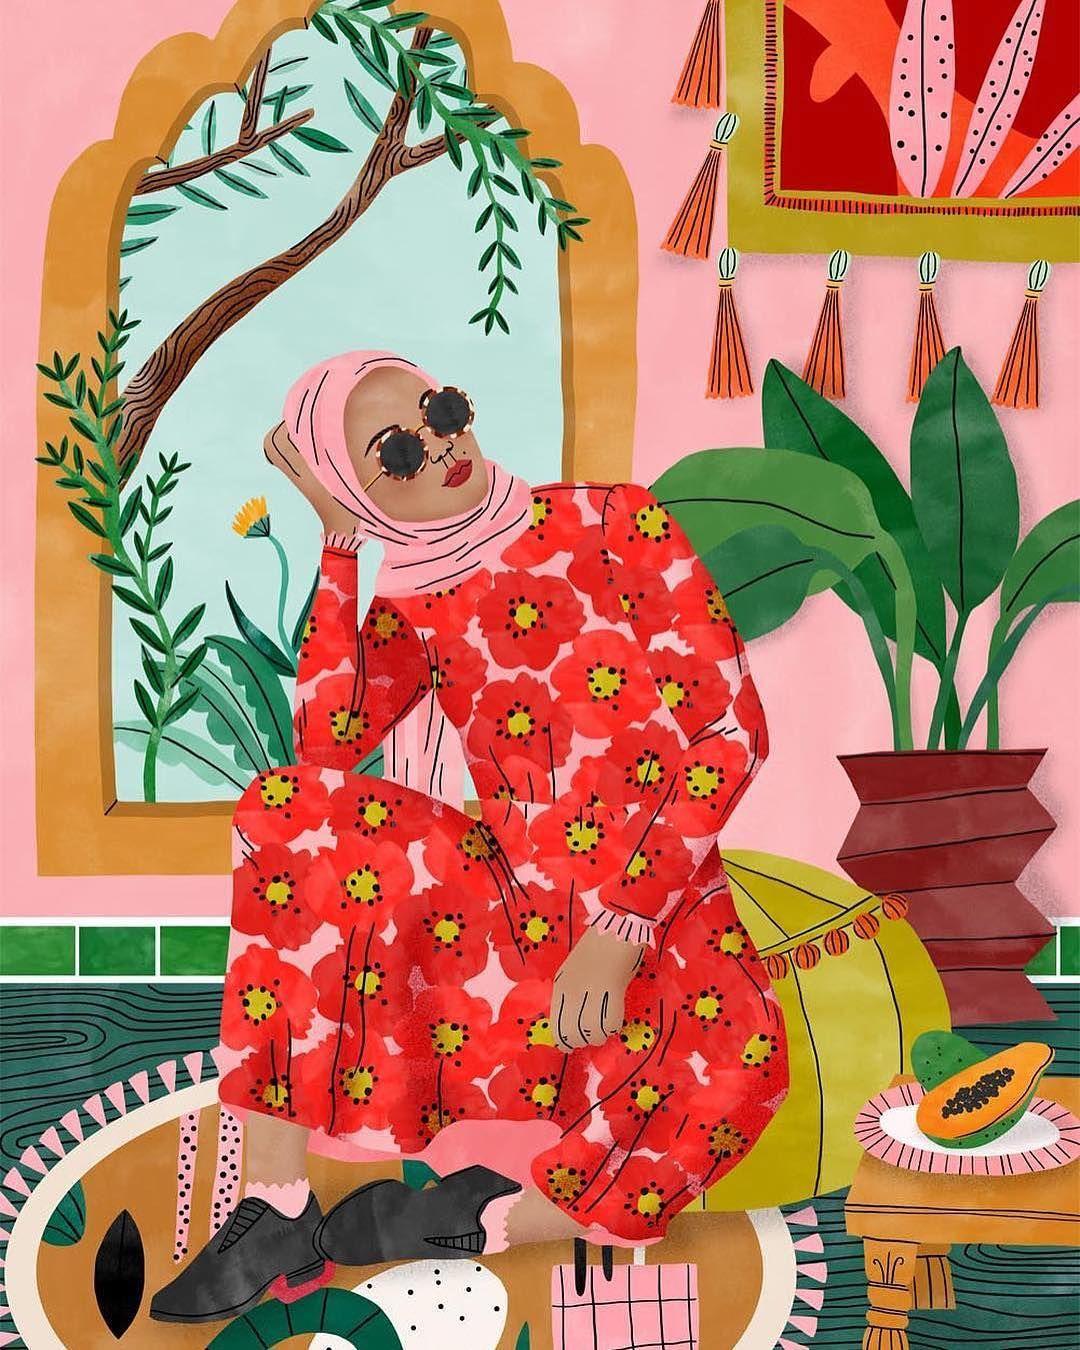 Moroccan Dreams By Illustrator Bodiljane Love The Flower